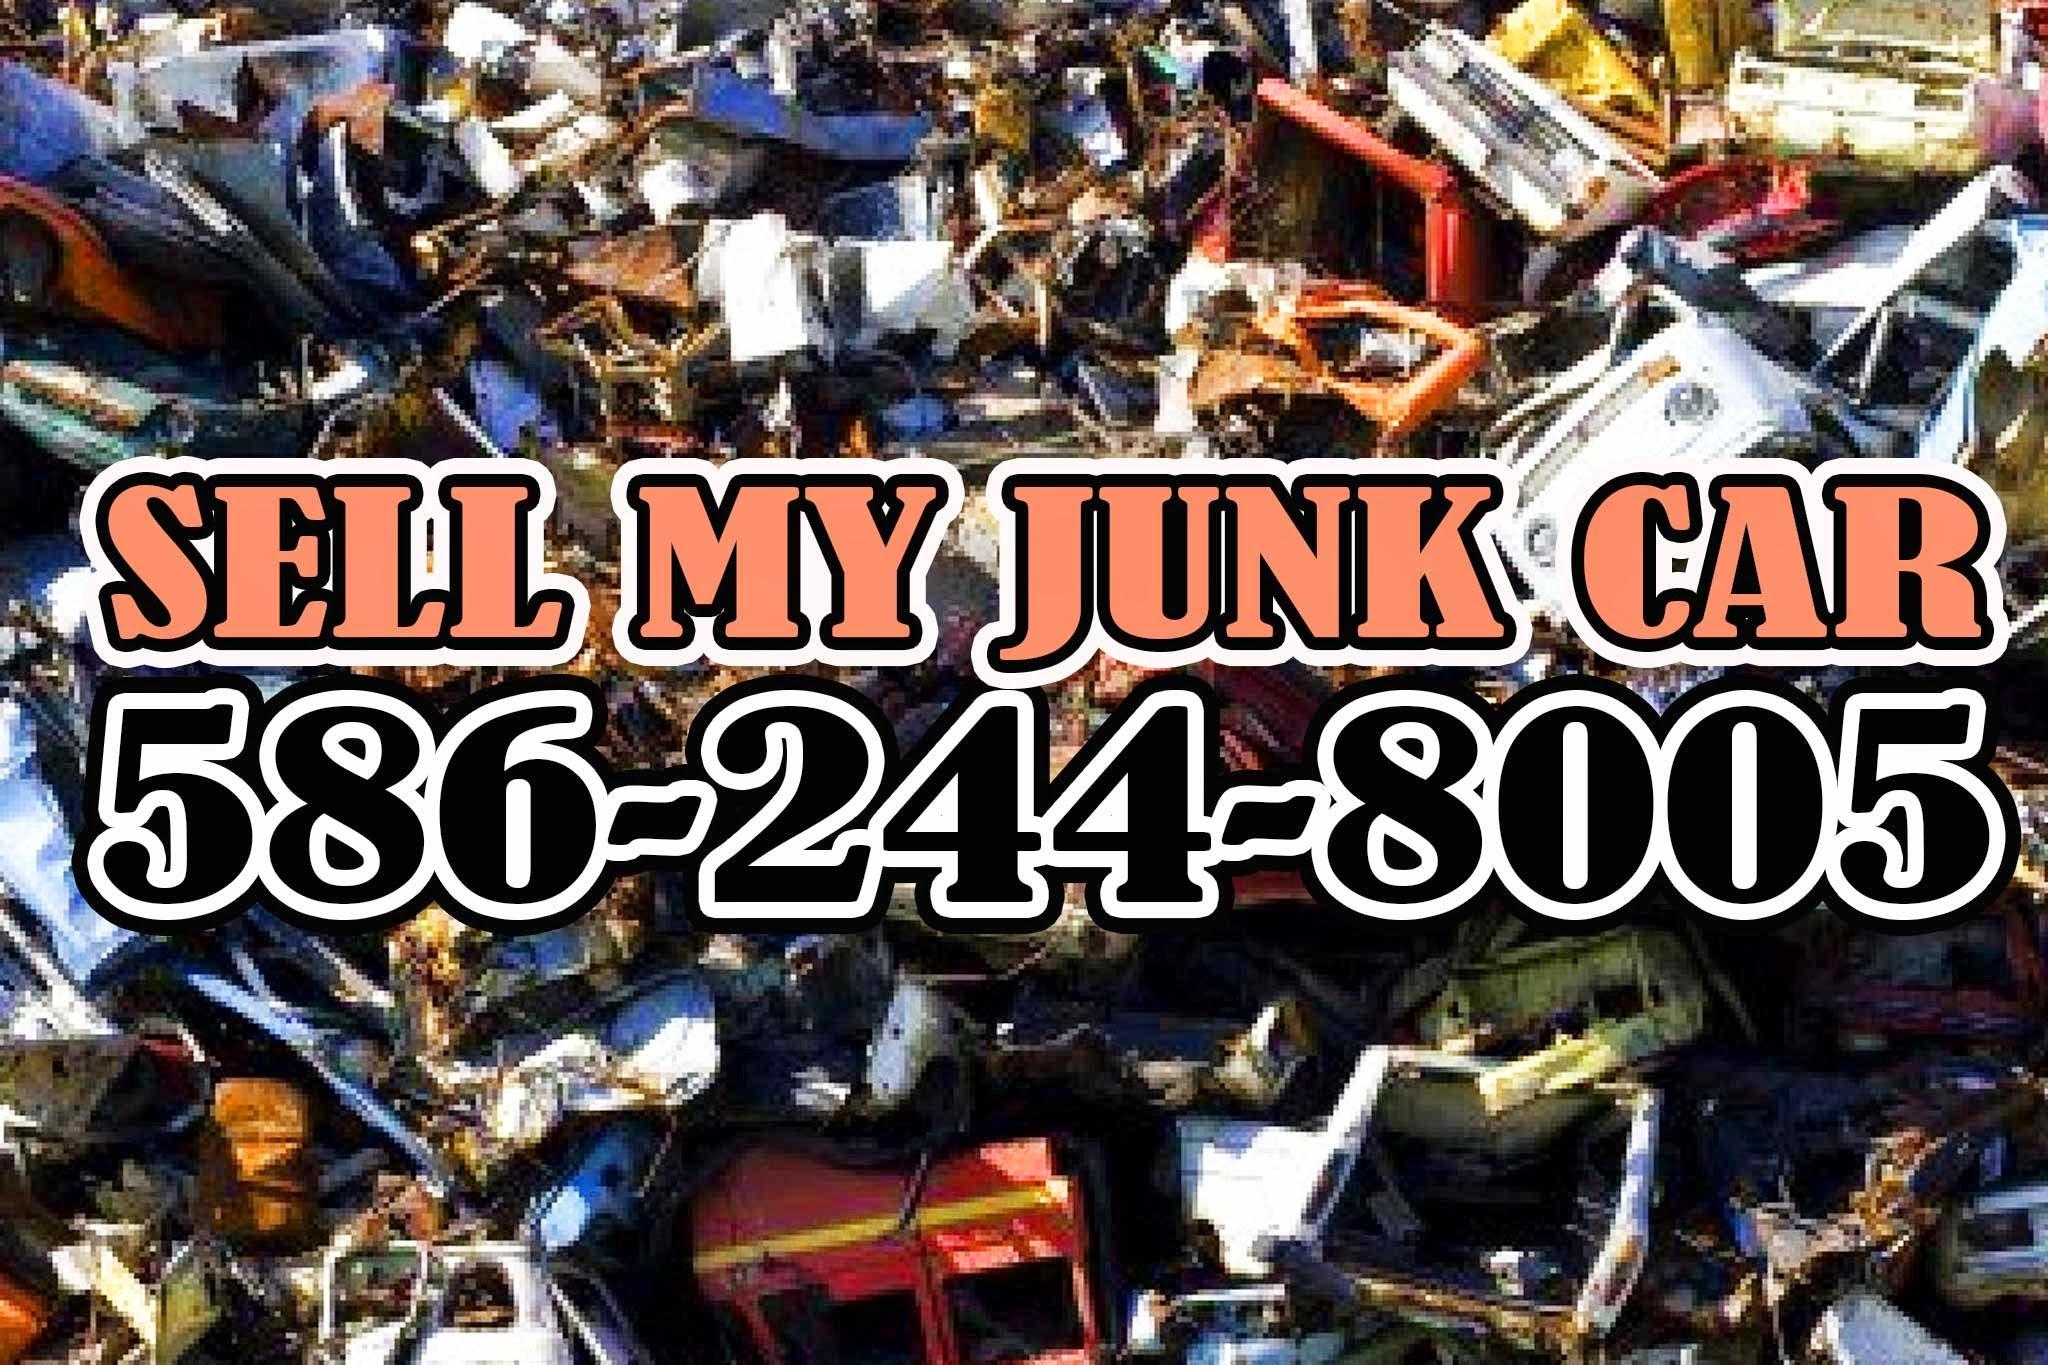 Scrap & Junk Cars - Sell My Junk Car Warren - Google+